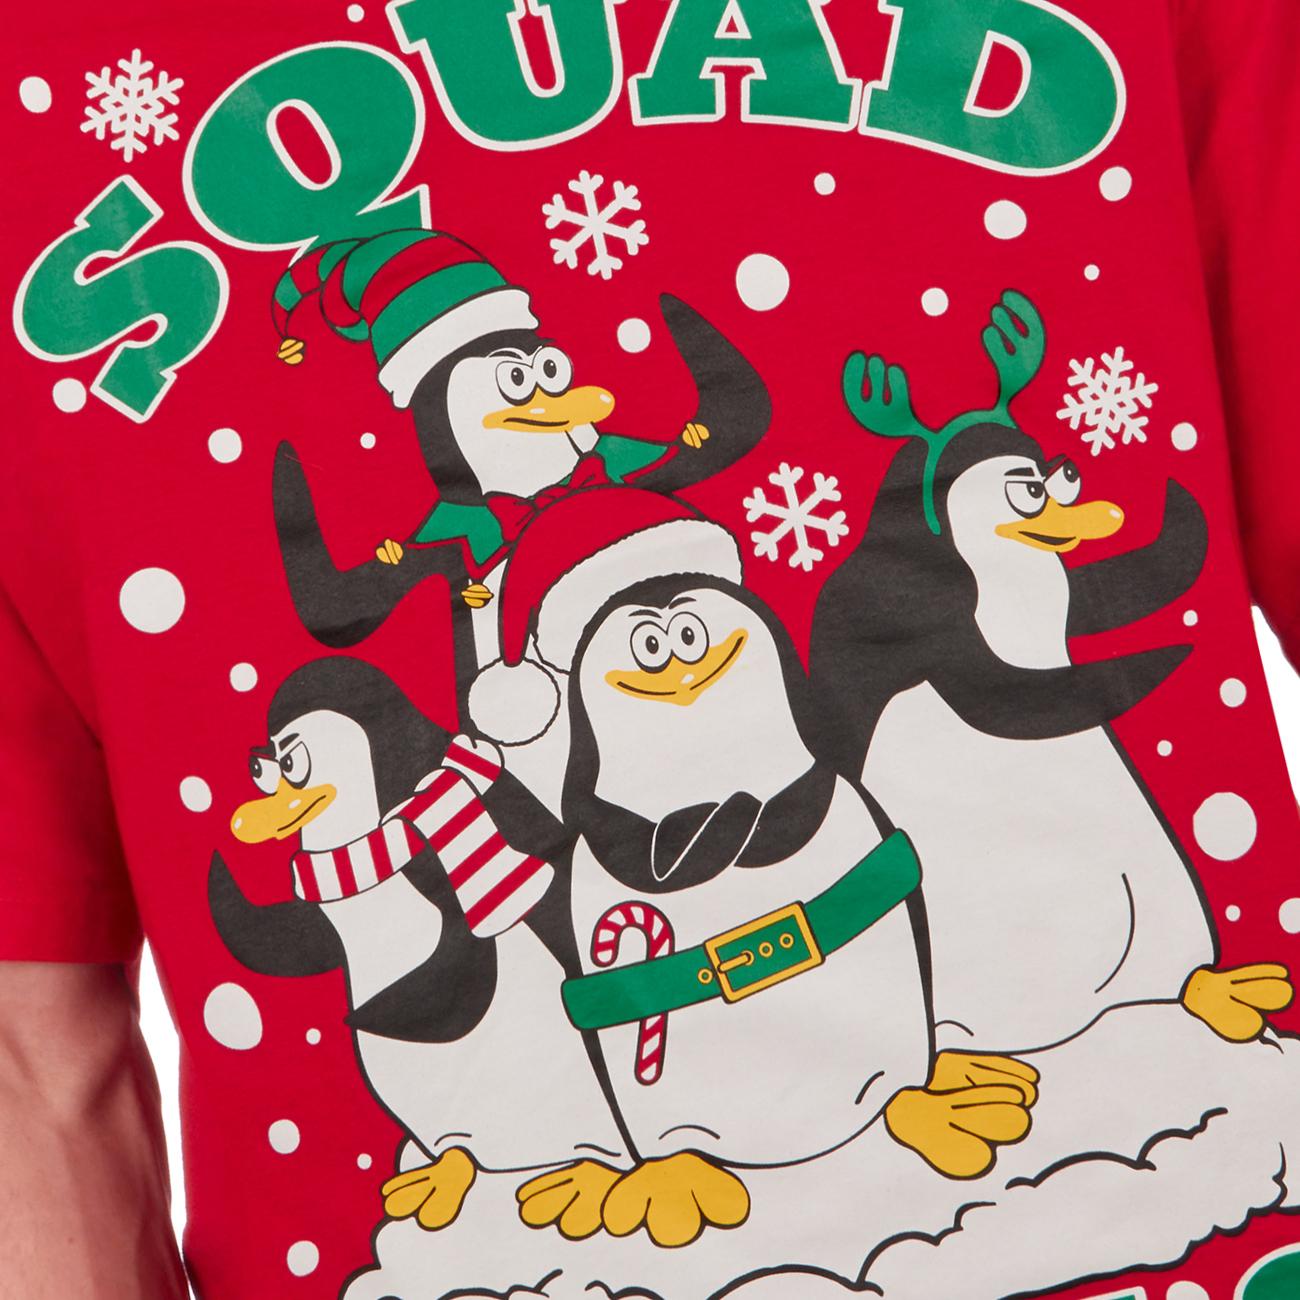 Para-hombres-Camiseta-De-Impresion-De-La-Novedad-De-Navidad-Top-Gracioso-Grosero-explicito-Broma miniatura 8